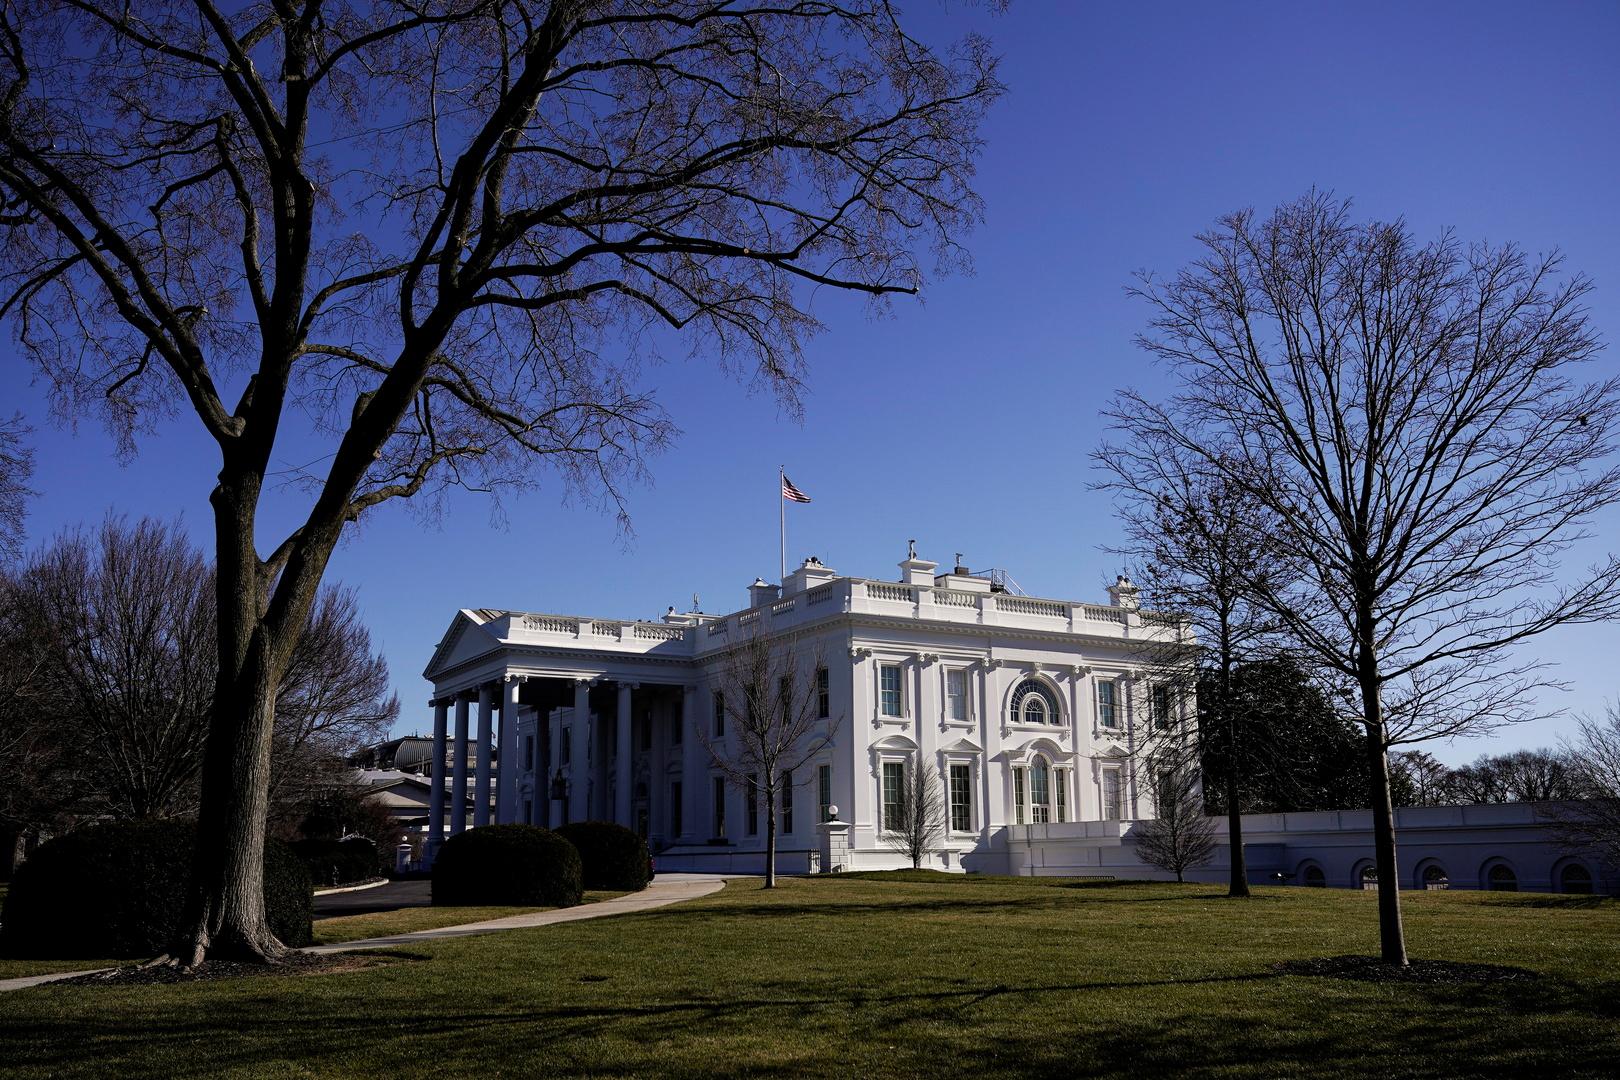 البيت الأبيض تحت الضغوط ينكس علمه حدادا على وفاة عنصرين من شرطة الكابيتول